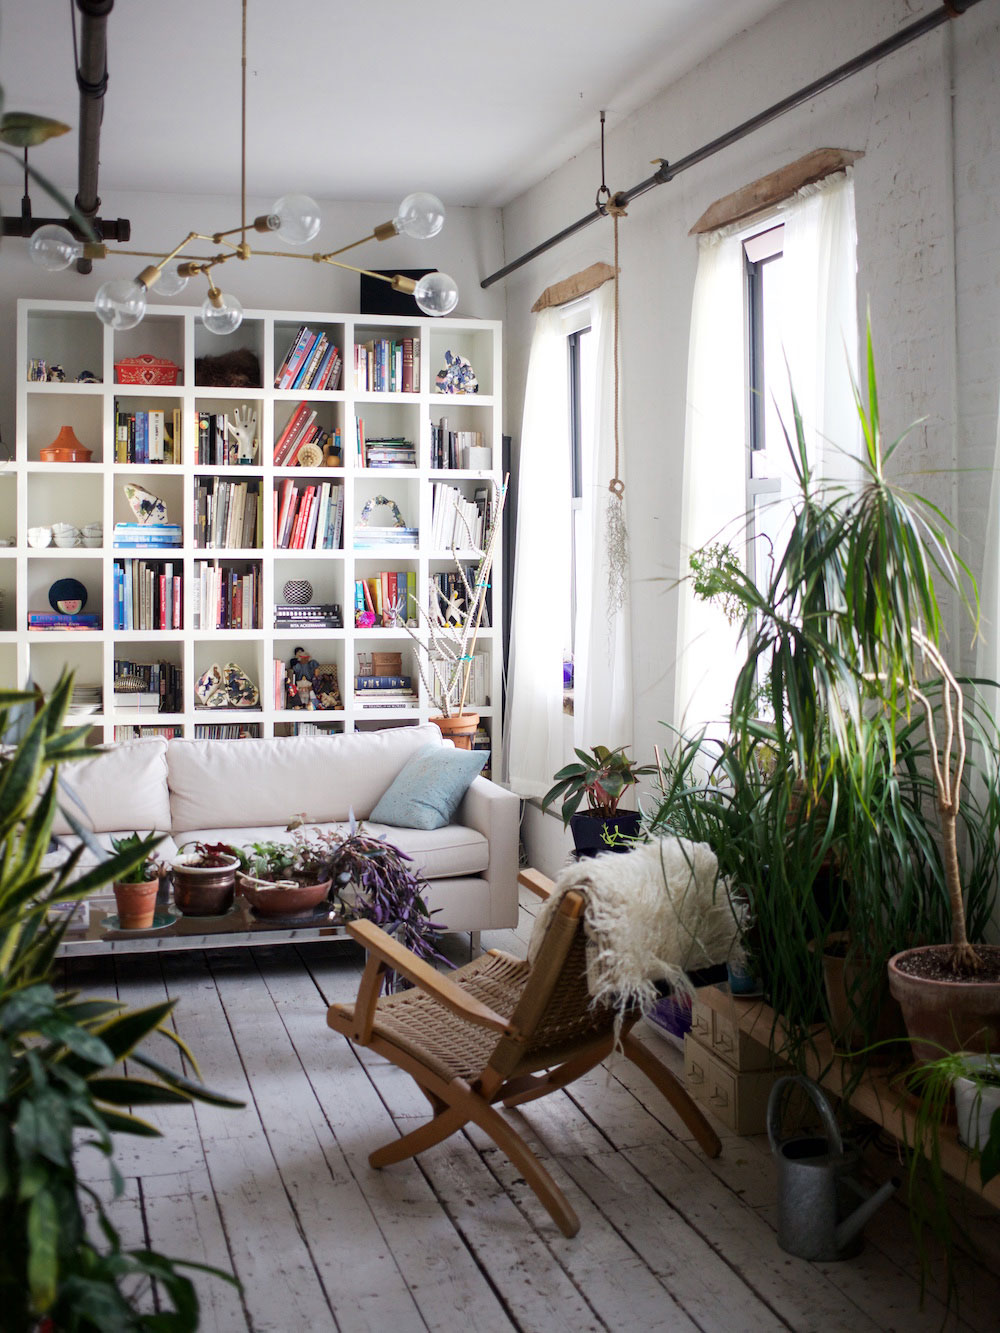 Brooklyn-krukväxter-fyllda-loft-ljus-lounge-stol-bokhylla Kreativa idéer för att dekorera med blommor